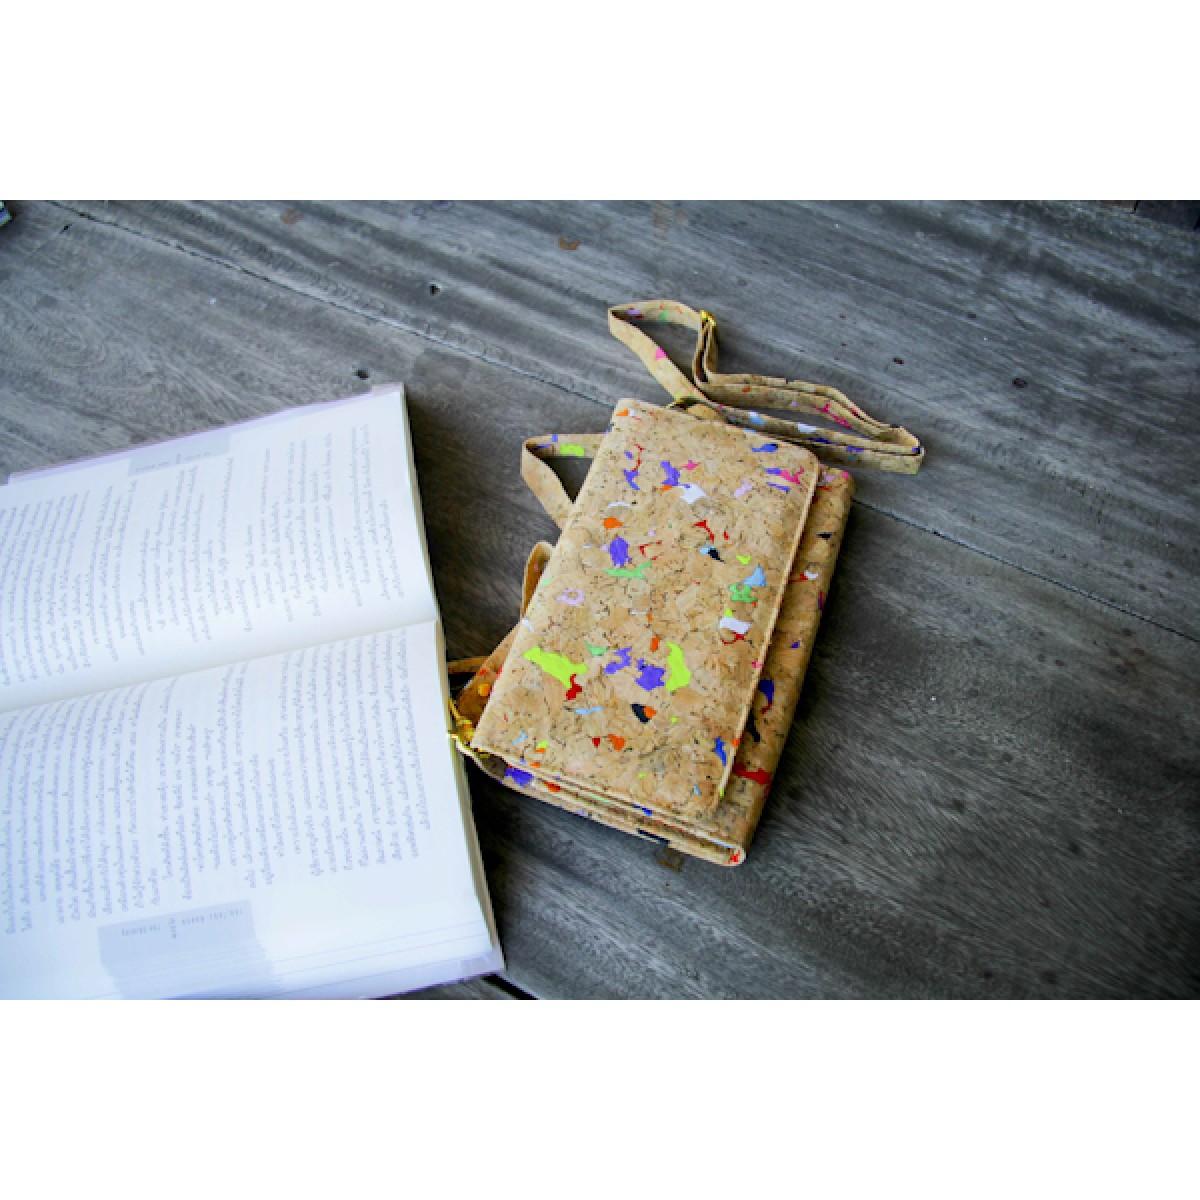 Handtasche, Clutch aus Kork, handgefertigt BY COPALA